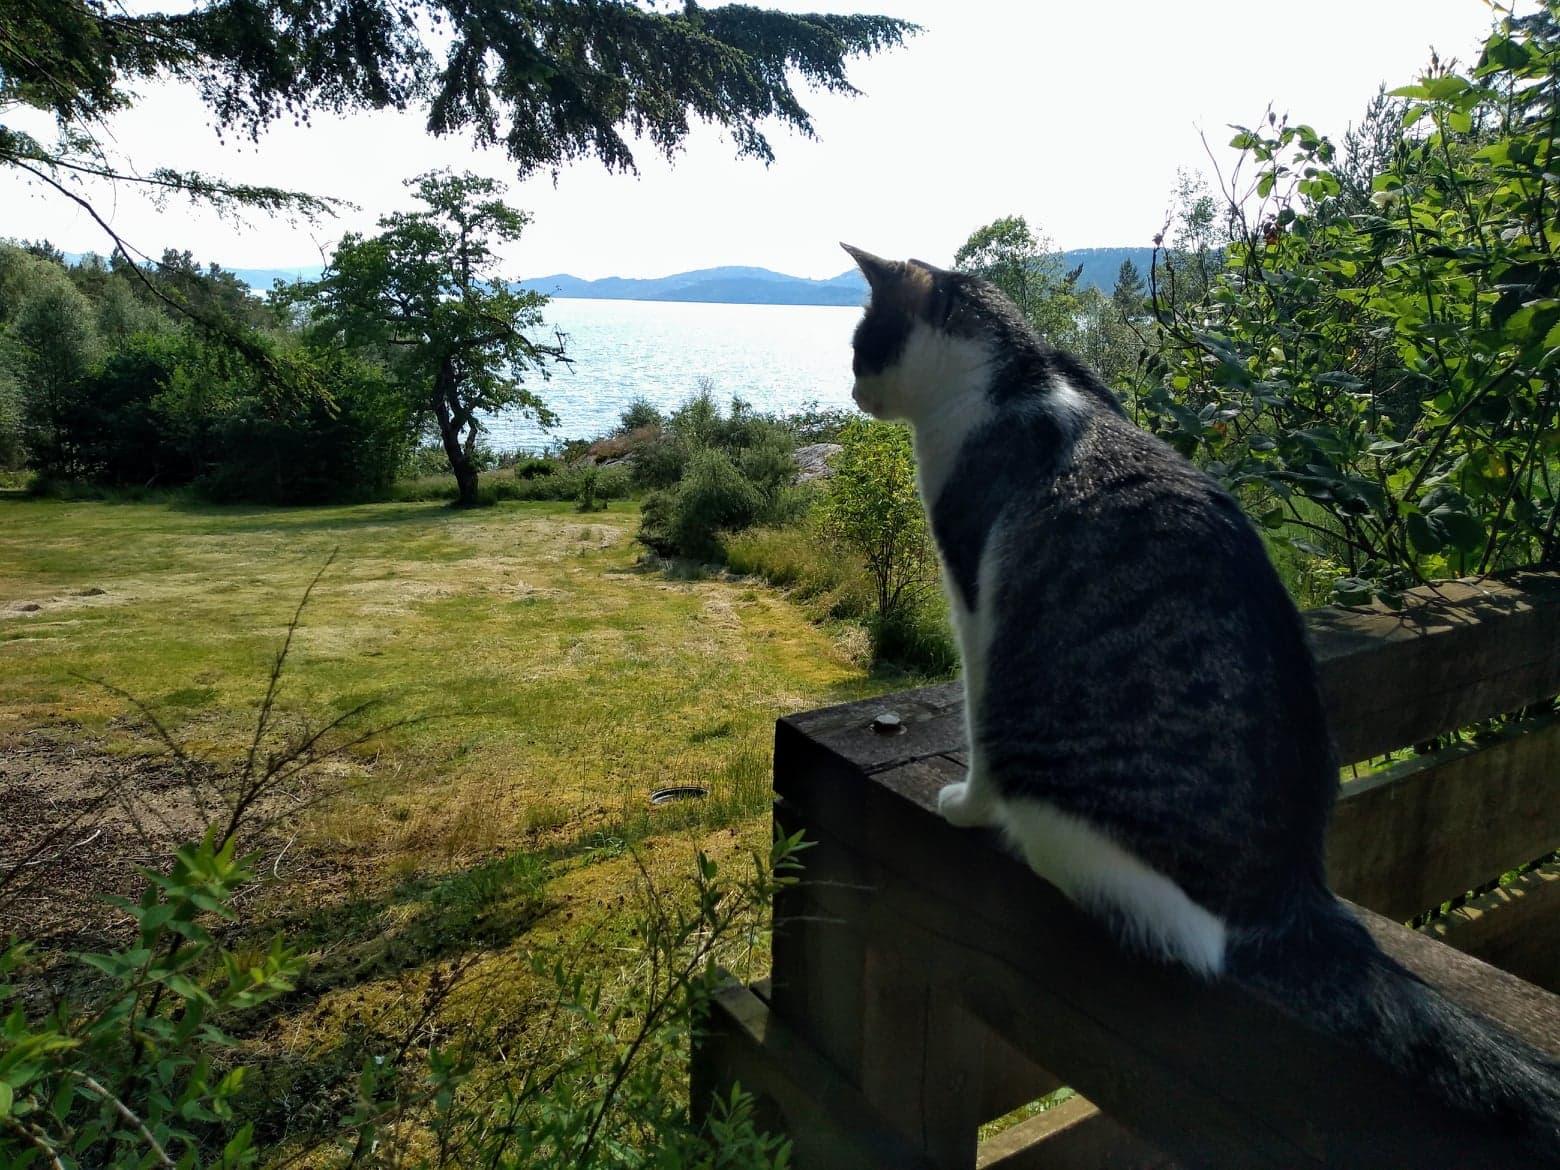 katt på rekkverk som ser utover hagen